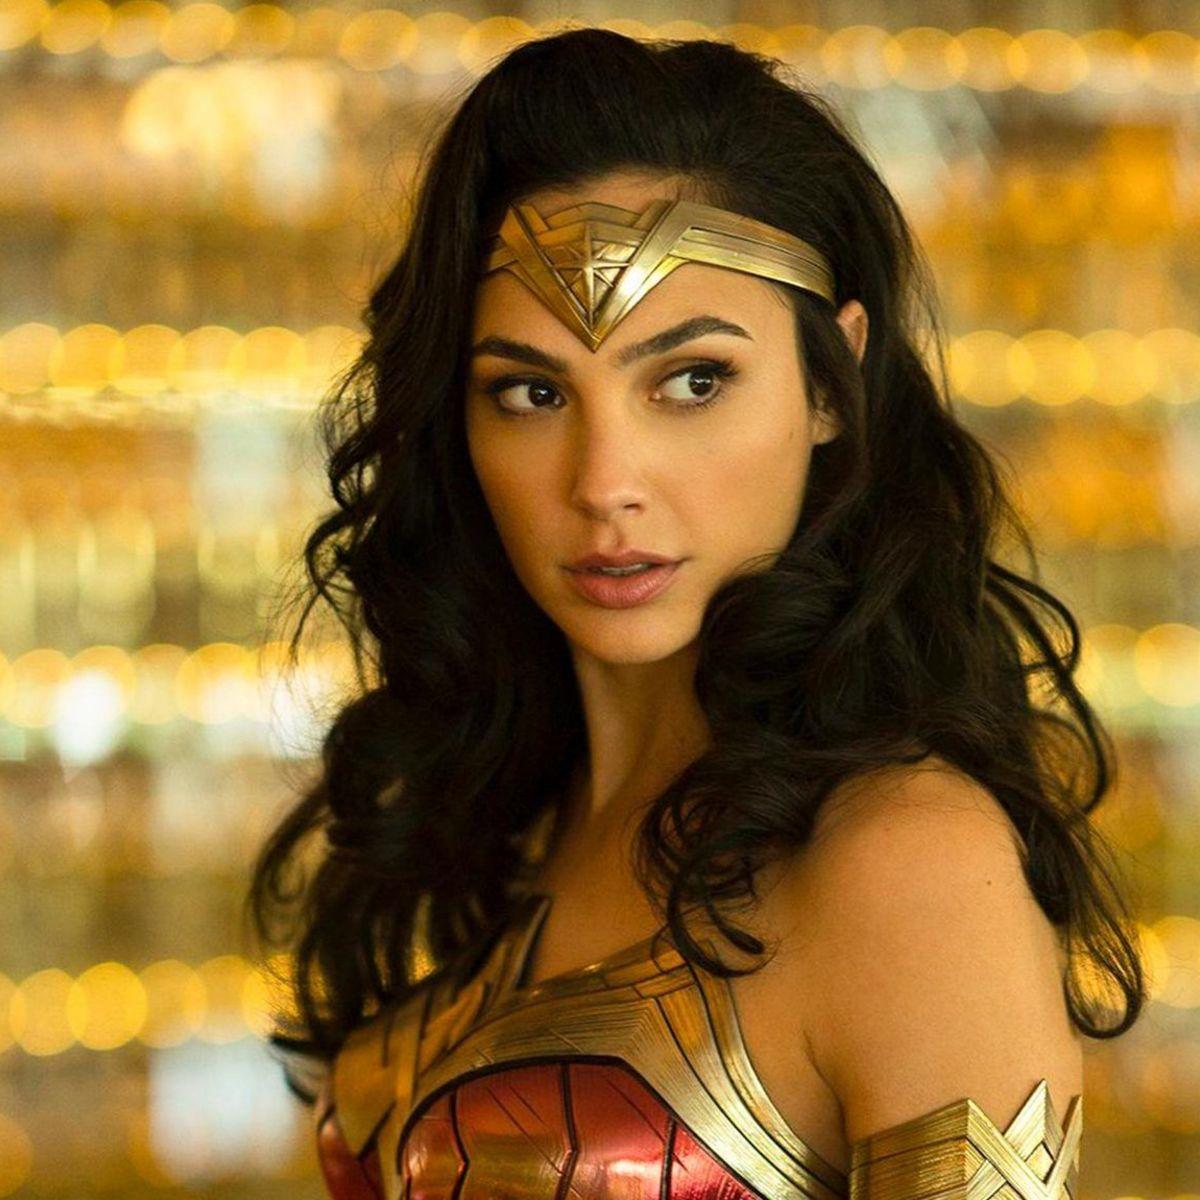 Wonder Woman 1984 Gal Gadot